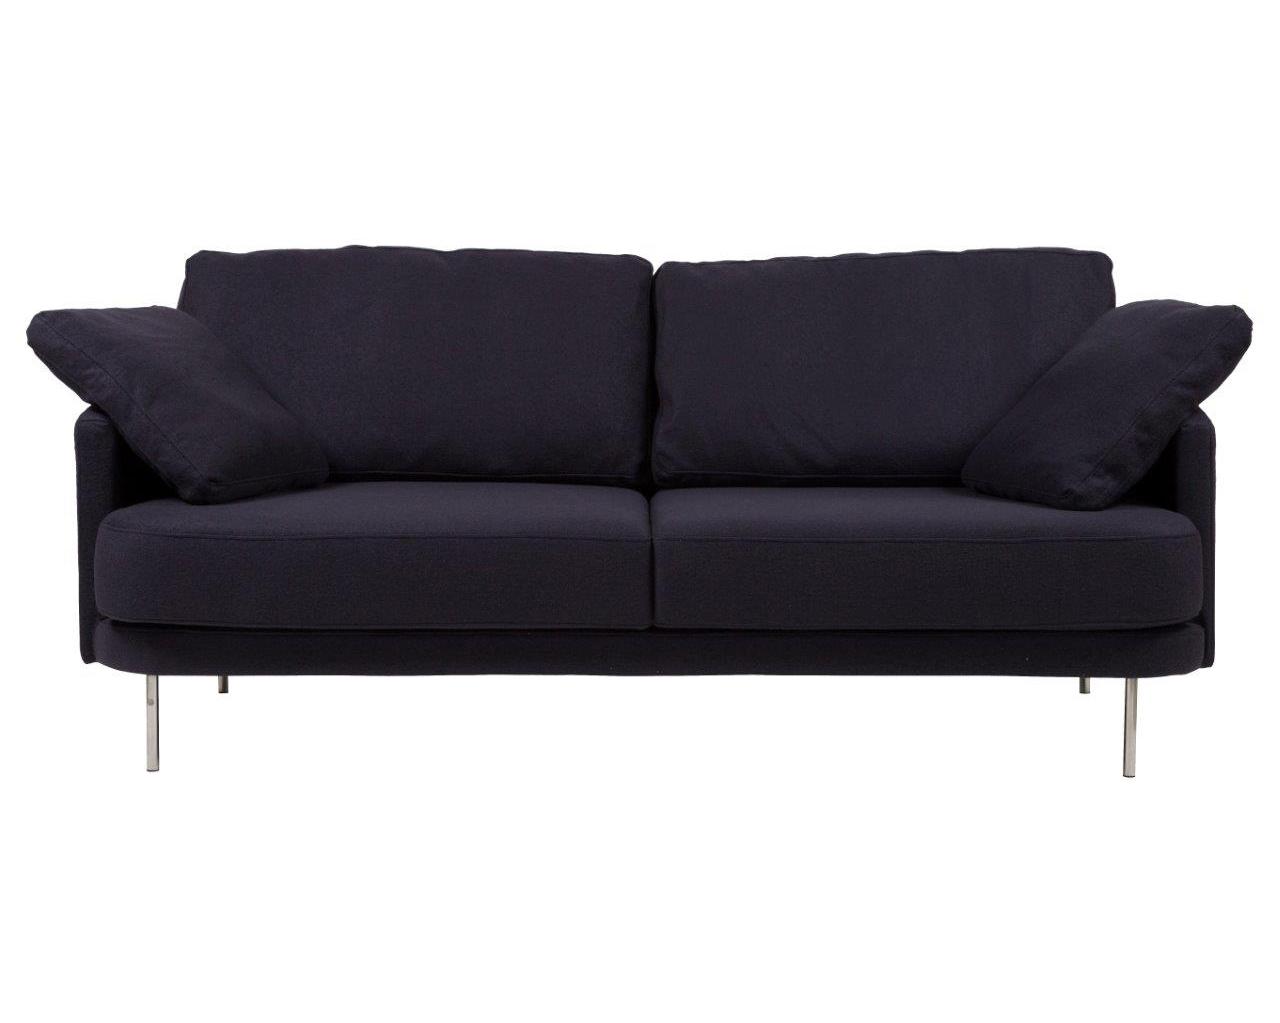 Диван Camber SofaТрехместные диваны<br>Диван Camber Sofa придется по вкусу тем, кто любит принимать гостей. Элегантная модель выполнена в минималистическом стиле, идеальна для лаконичного и в меру строгого интерьера. Прямоугольные формы деревянного каркаса и тонкие ножки из нержавеющей стали создают современный образ. Текстильная обивка из шерсти графитового цвета добавит в пространство тепла и уюта. Такой диван прекрасно впишется как в сдержанный «скандинавский» интерьер, так и уравновесит любые яркие и смелые решения.<br><br>Material: Текстиль<br>Ширина см: 206<br>Высота см: 81<br>Глубина см: 93